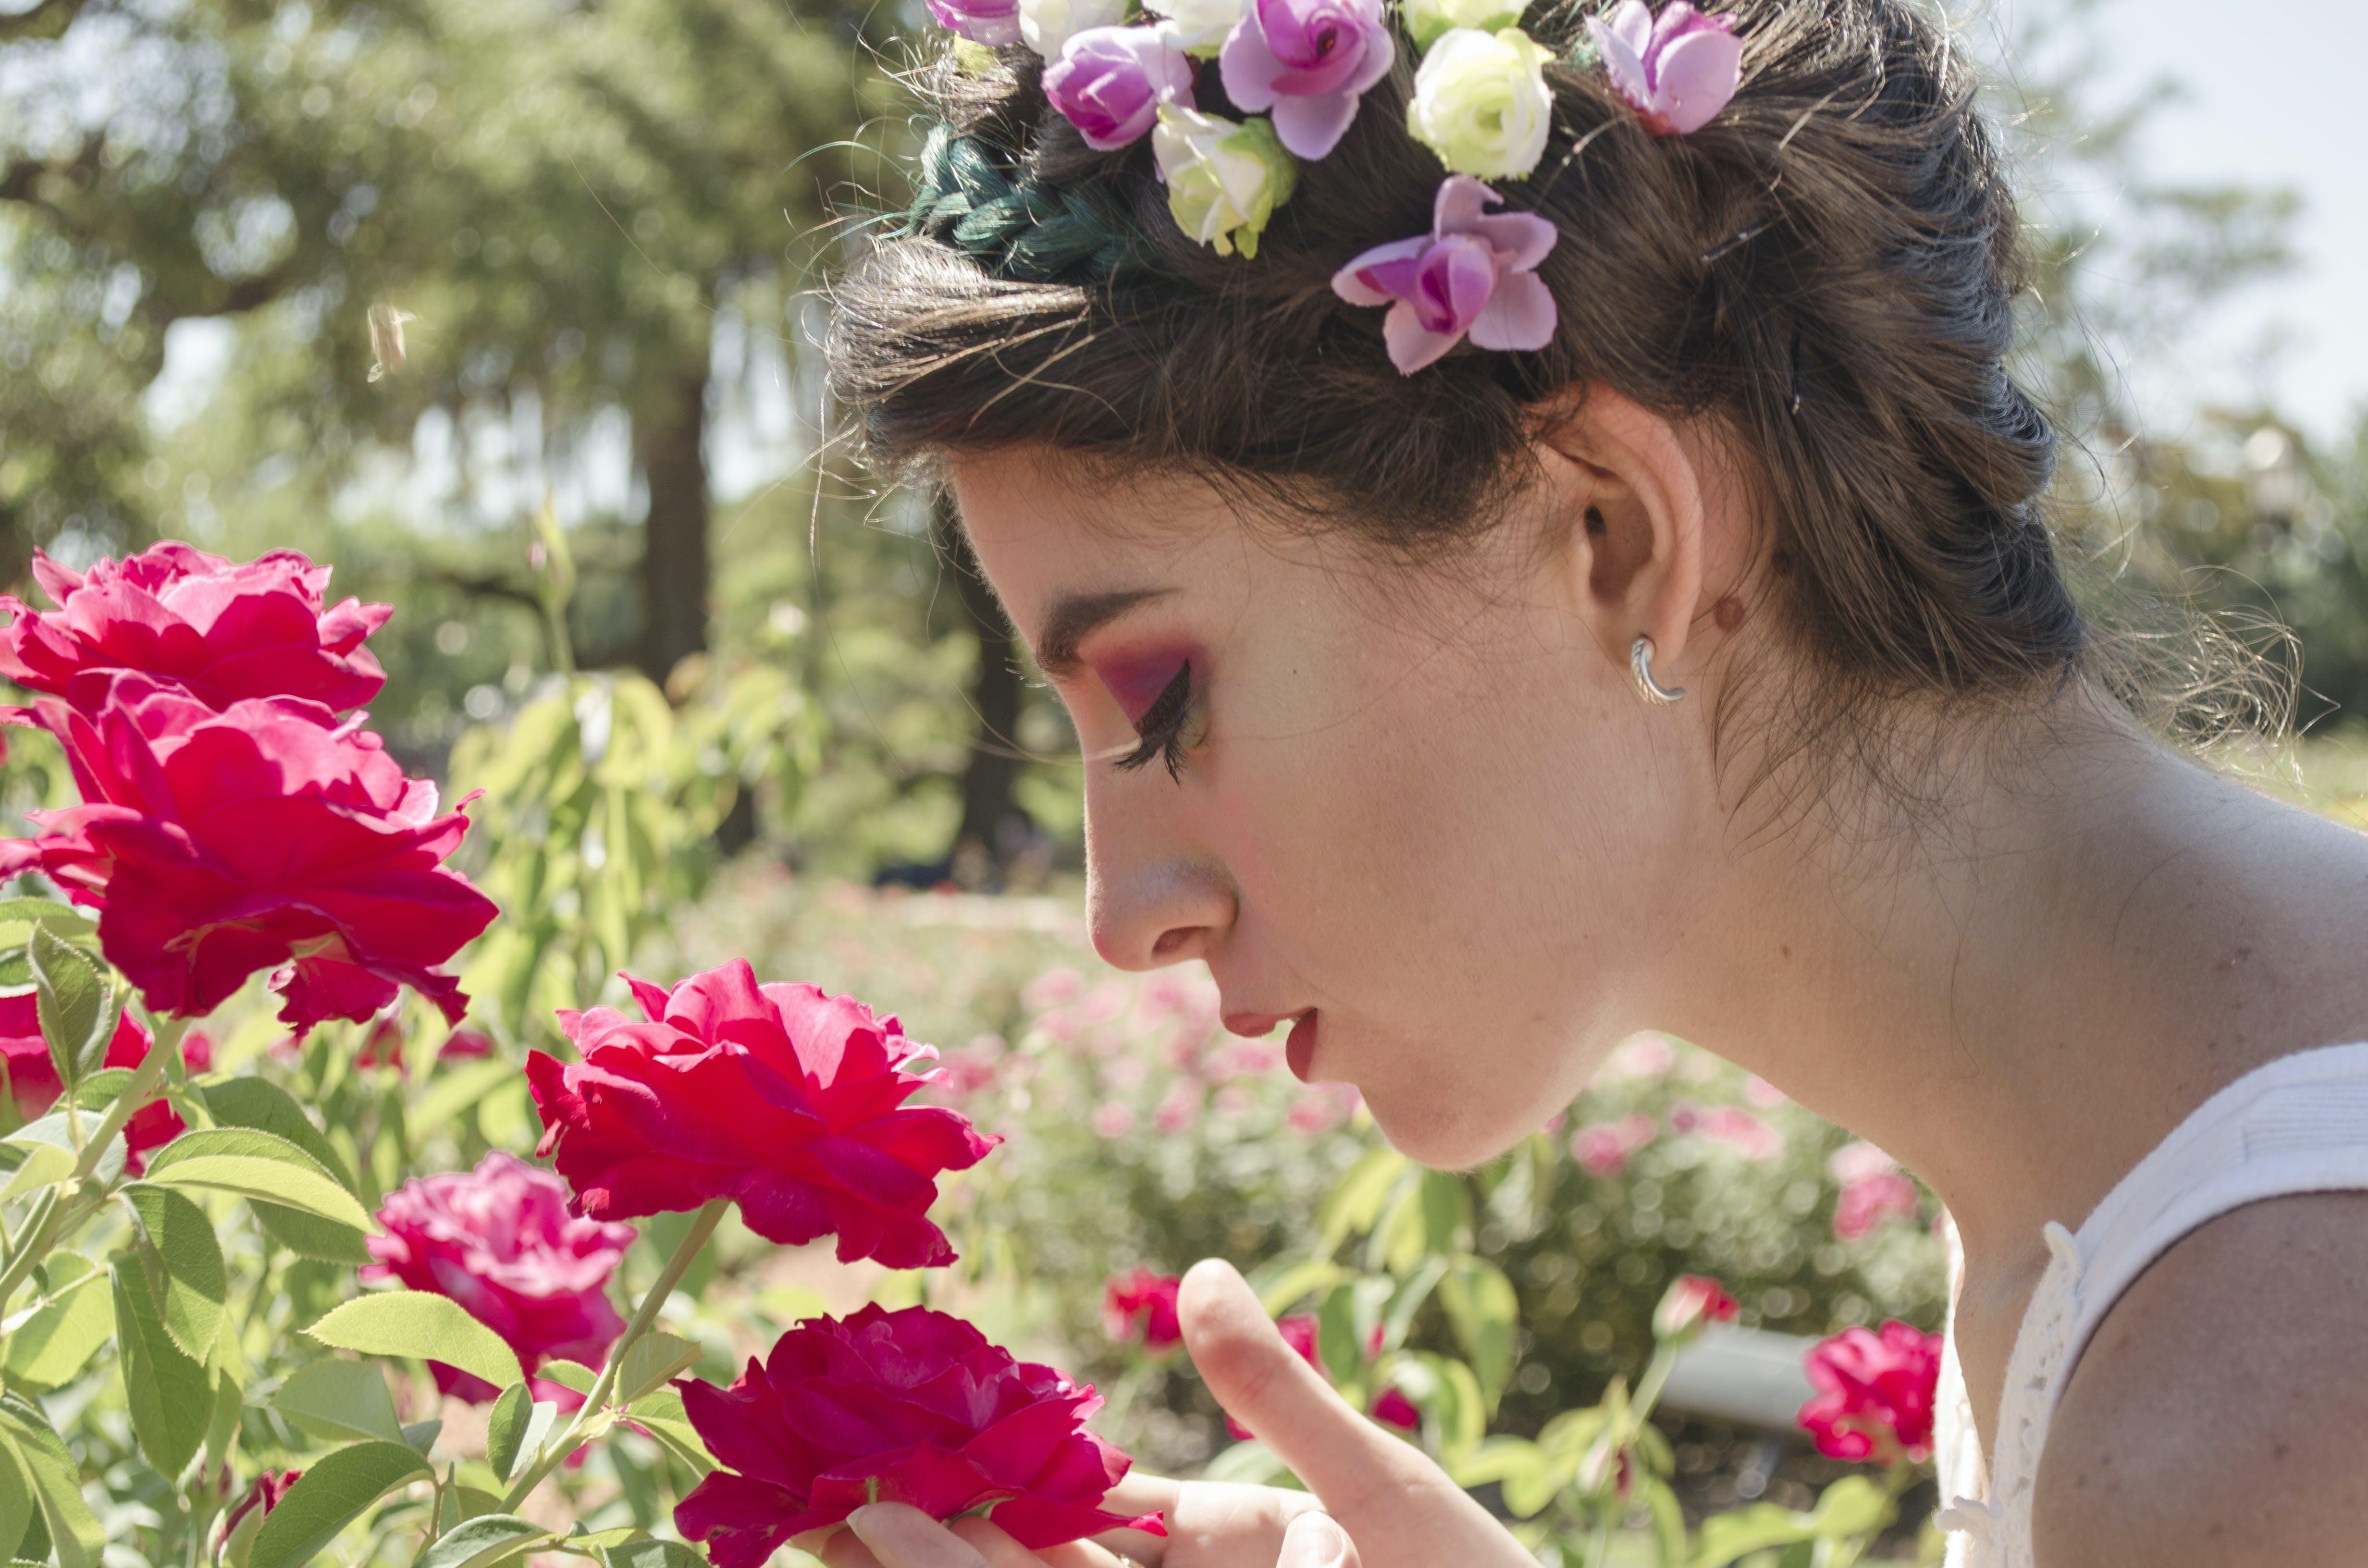 Foto stok gratis bagus, berbau, bunga-bunga, bunga-bunga indah